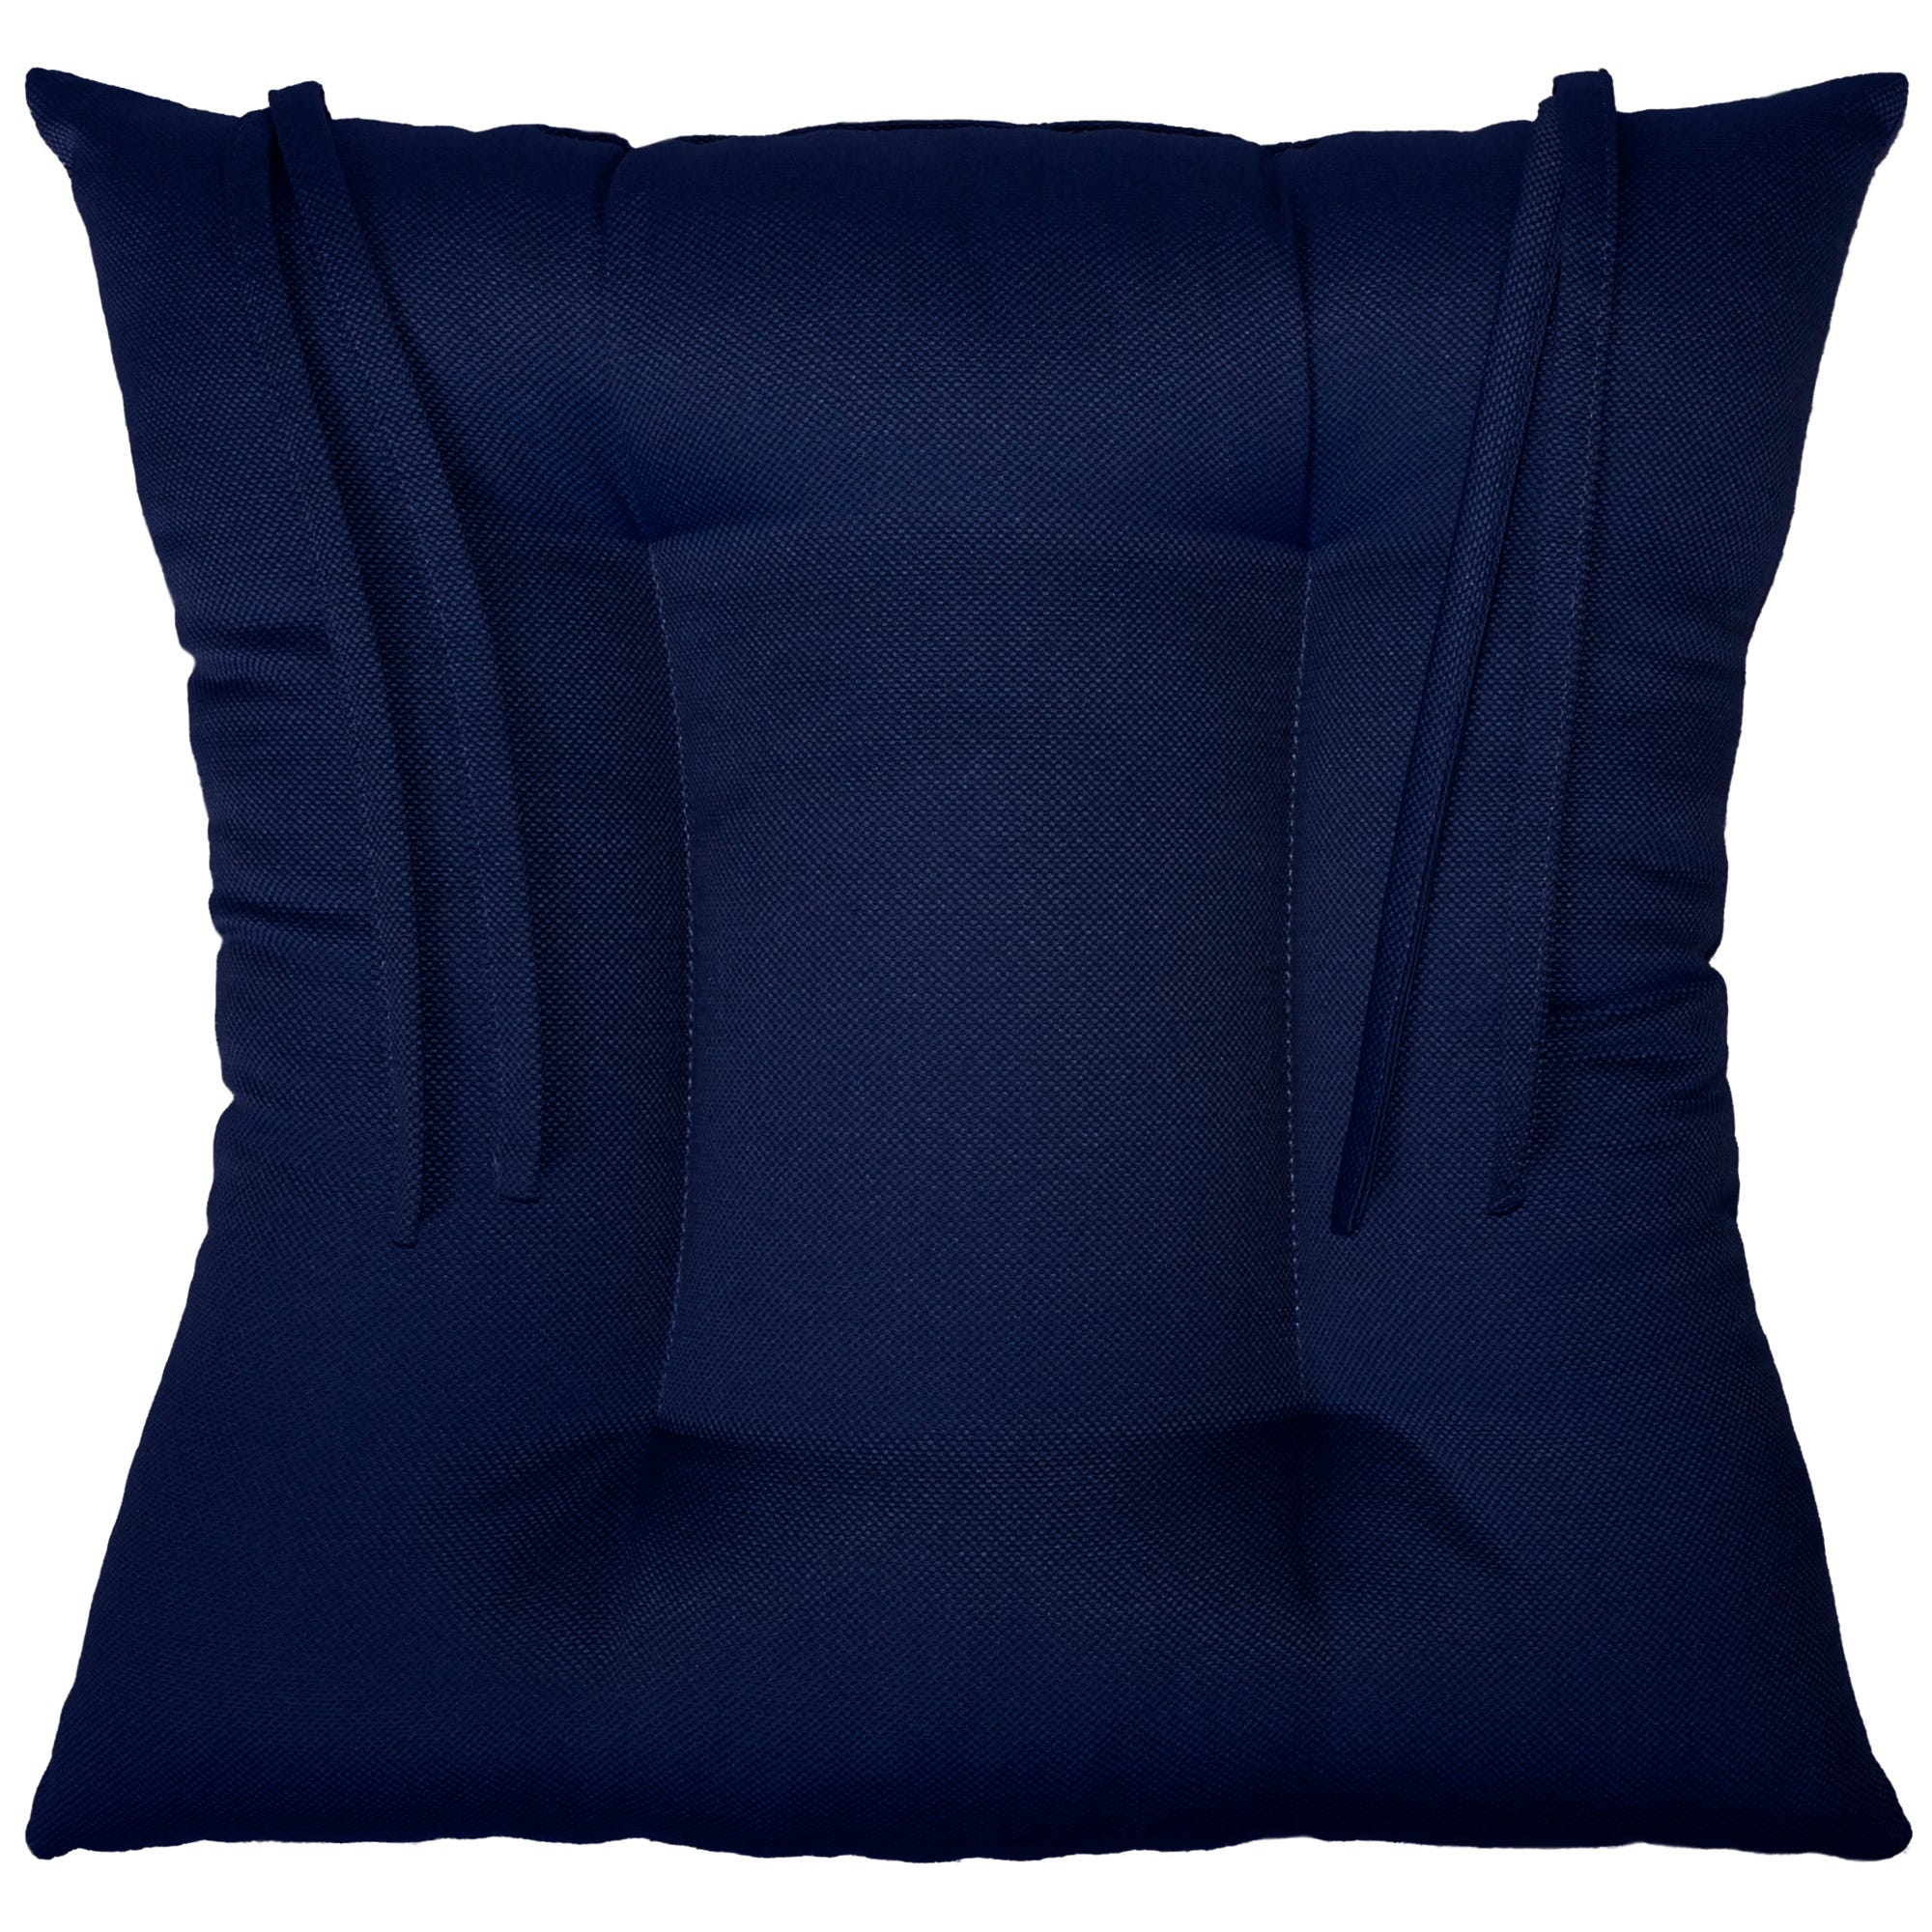 Cojín para silla color azul